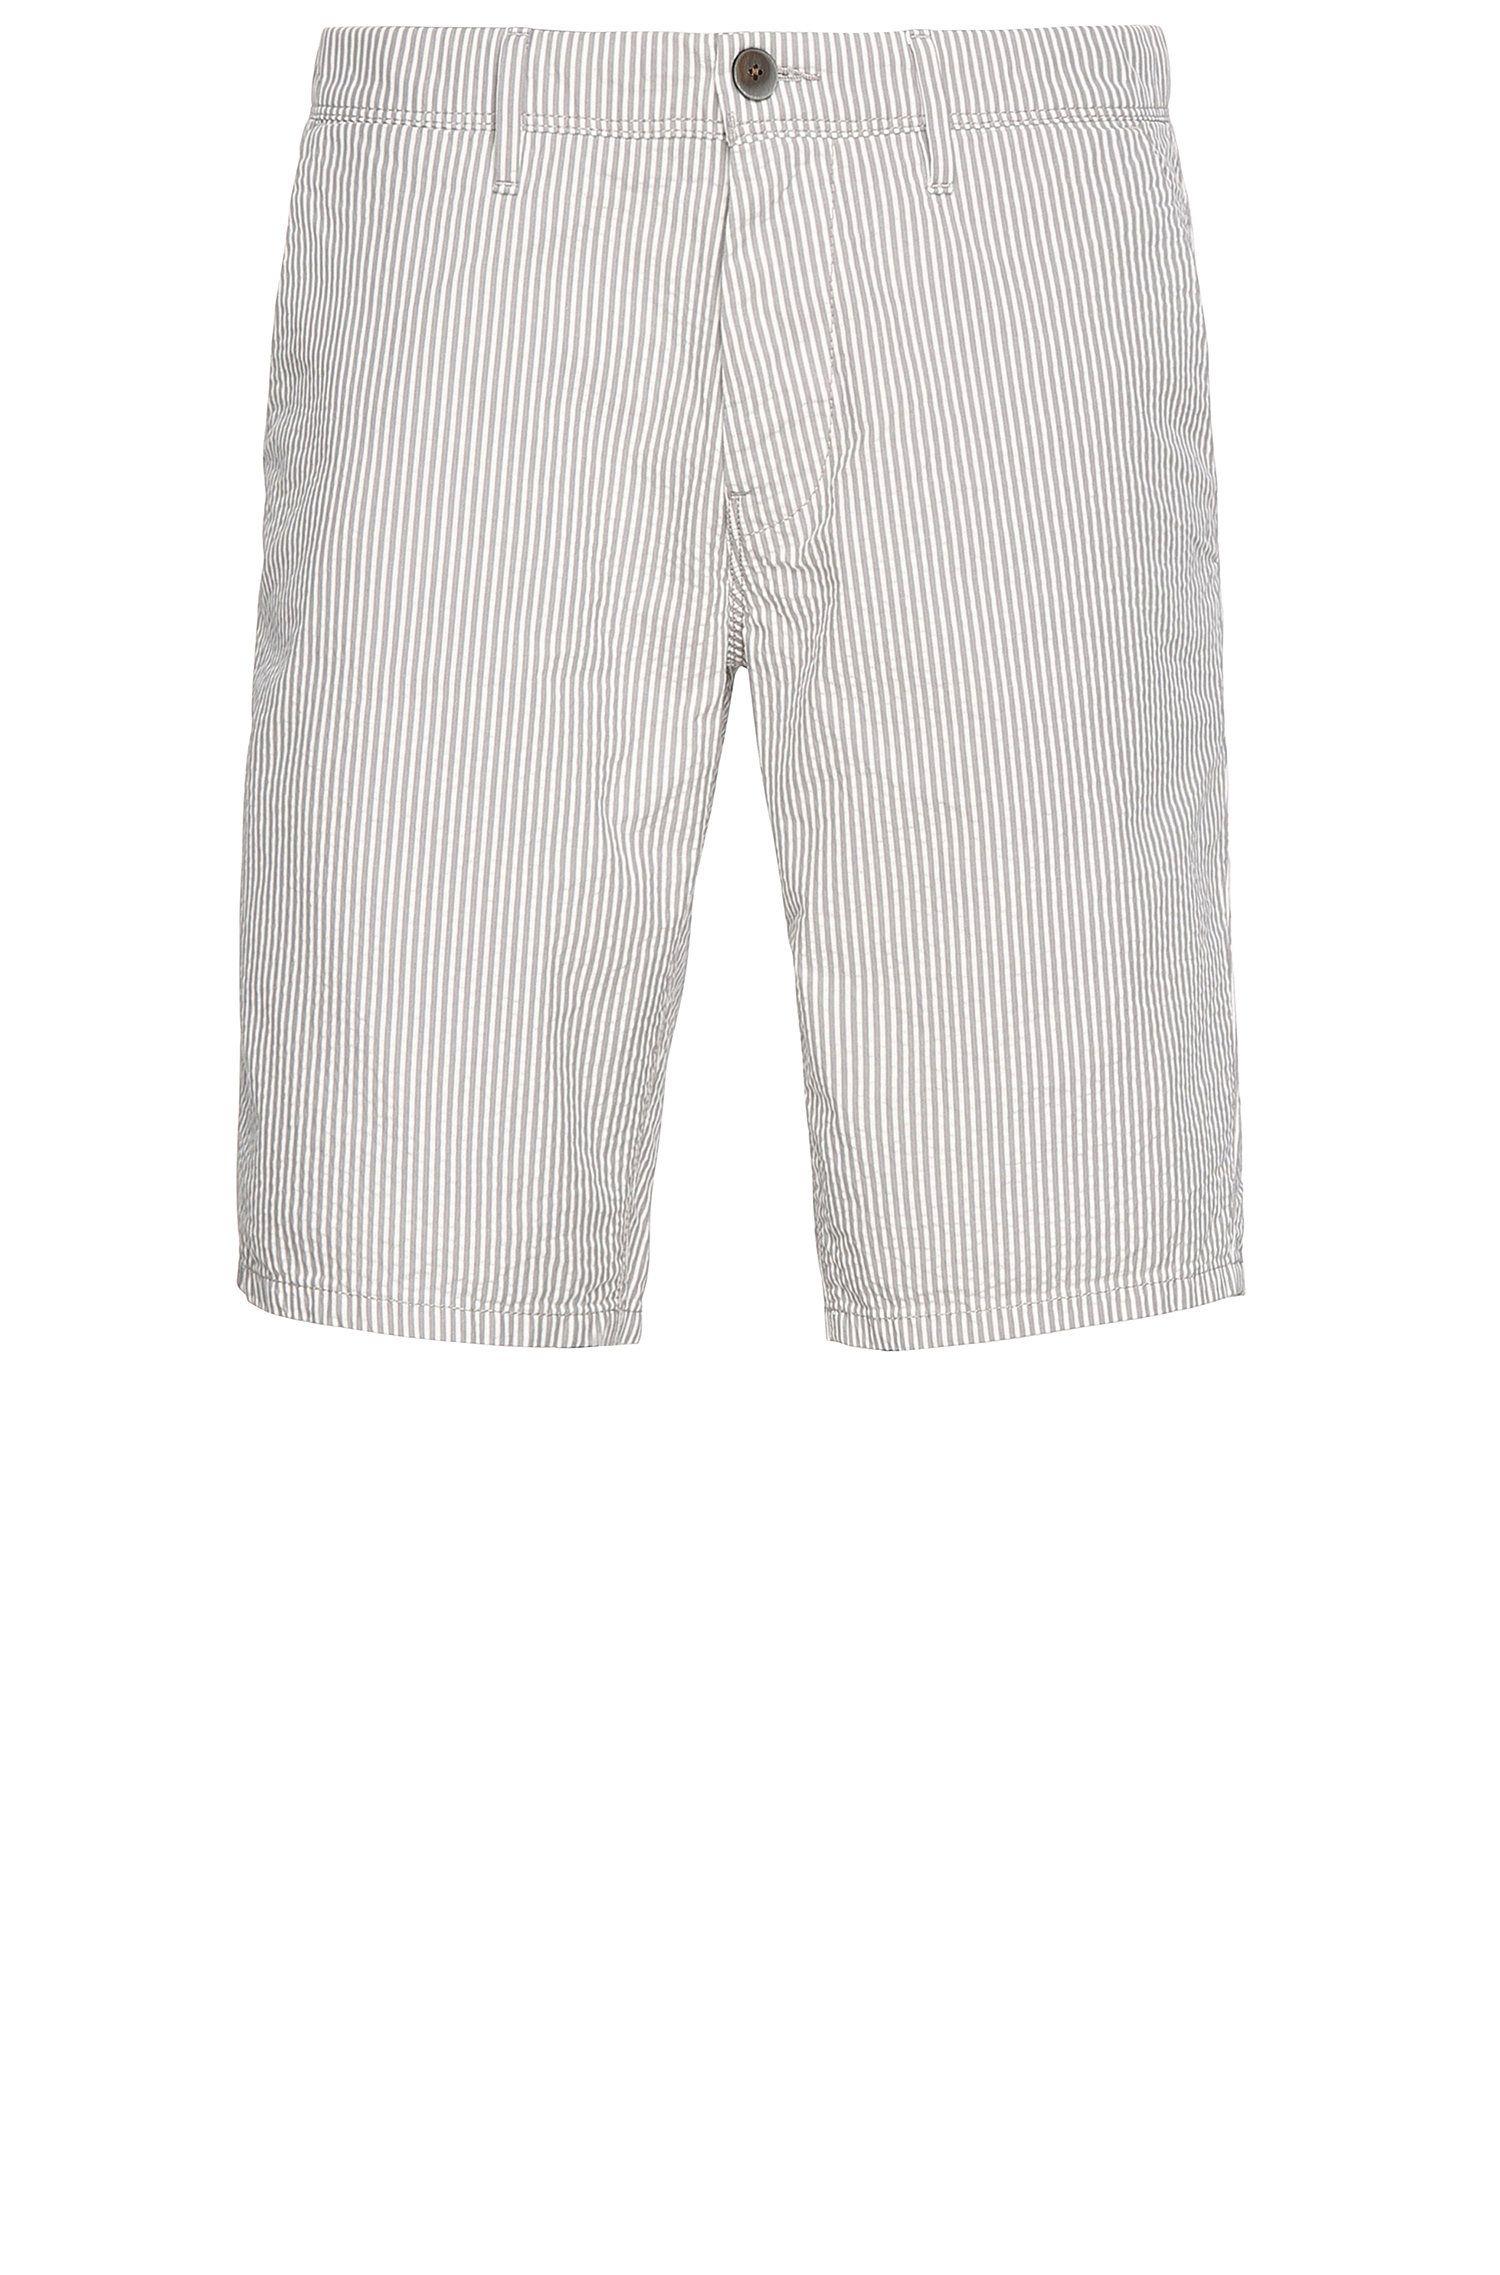 Seersucker Cotton Short, Slim Fit | Slender Shorts W